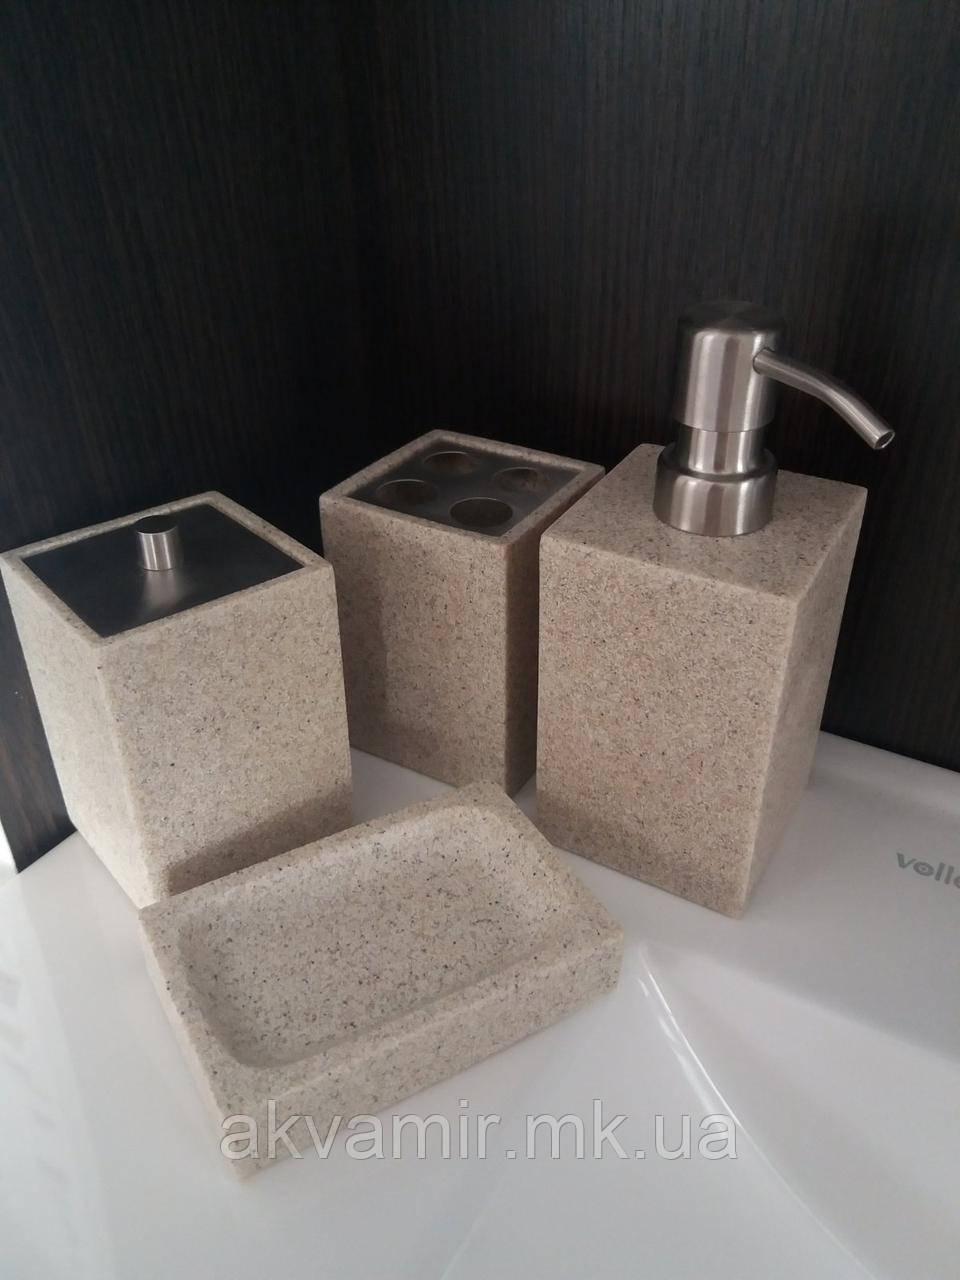 Набор аксессуаров для ванной Sand BISK (Польша): дозатор, стакан для зубных щеток, космет. емкость, мыльница